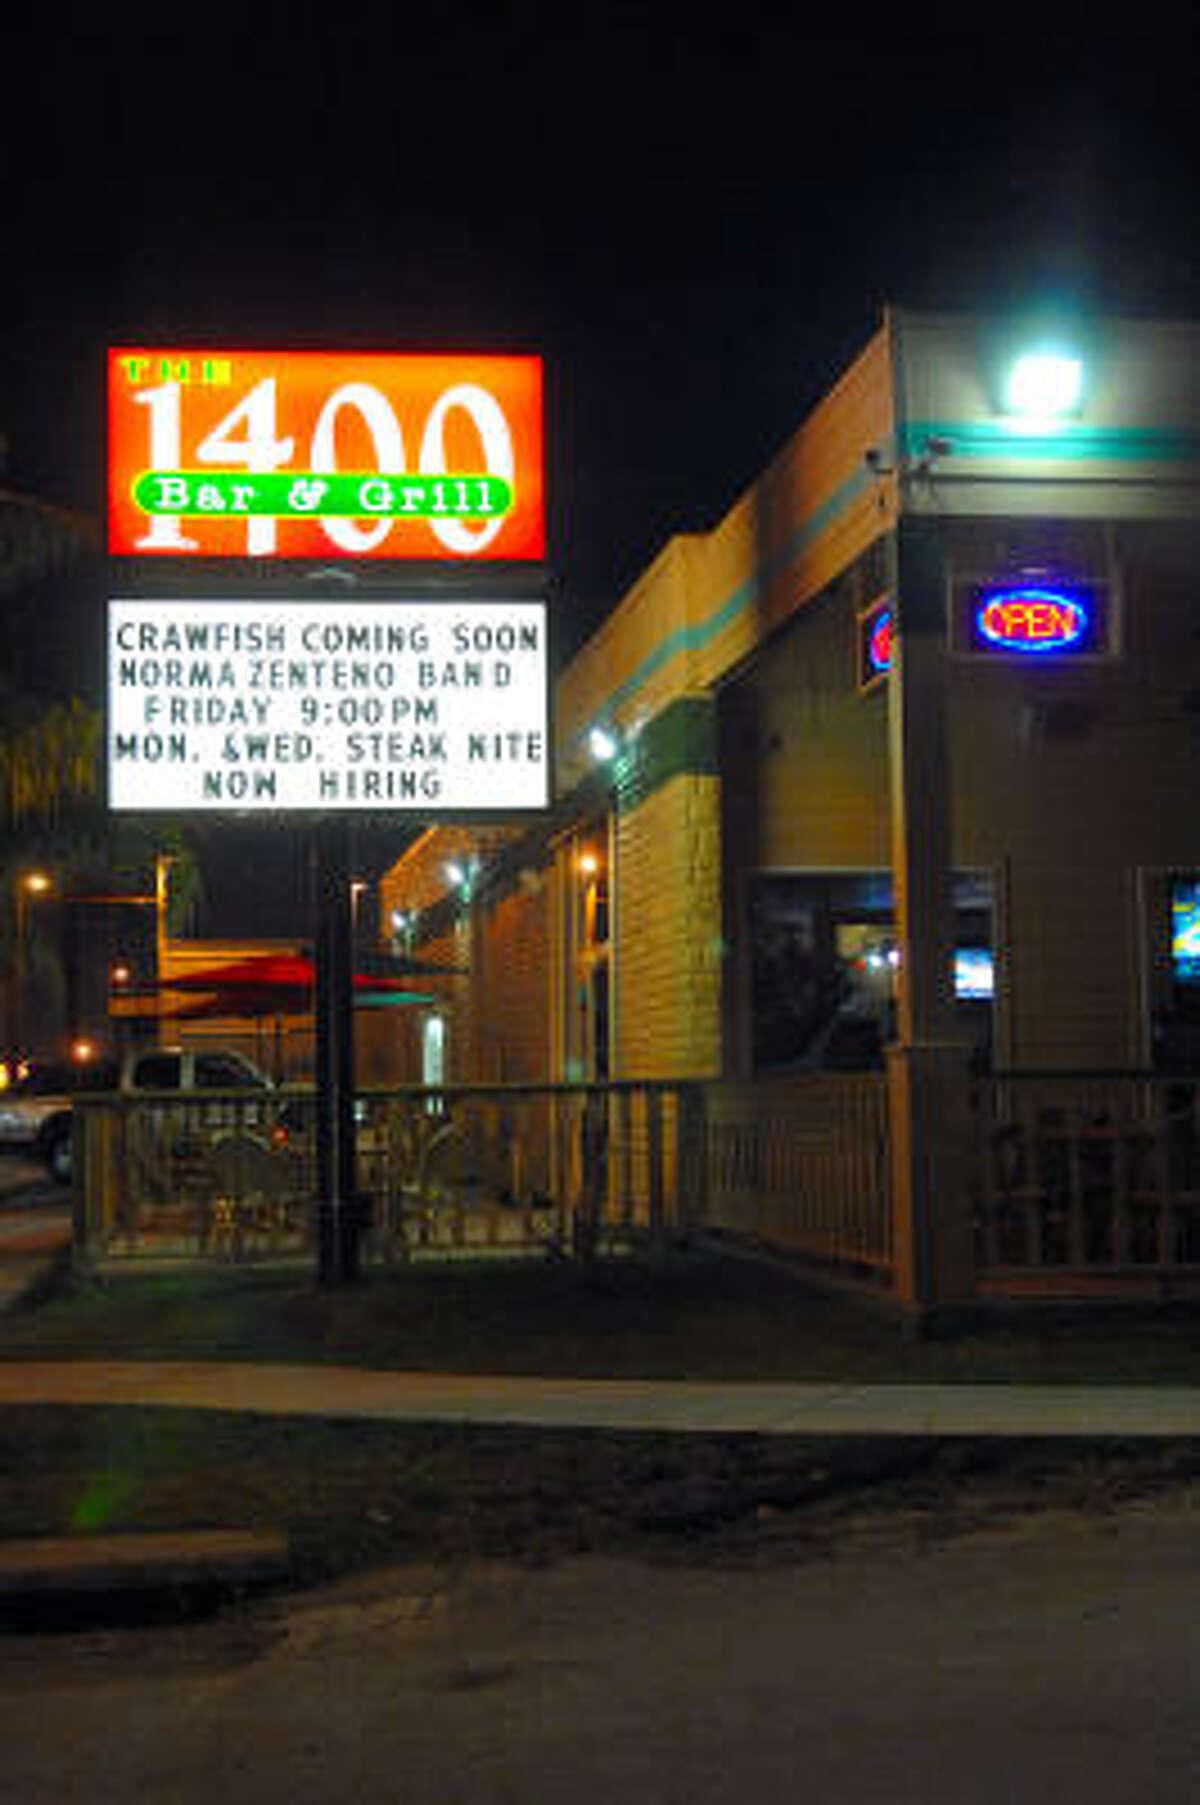 1400 Bar & Grill está ubicado en 1400 Shepherd Dr., en la zona de Heights.